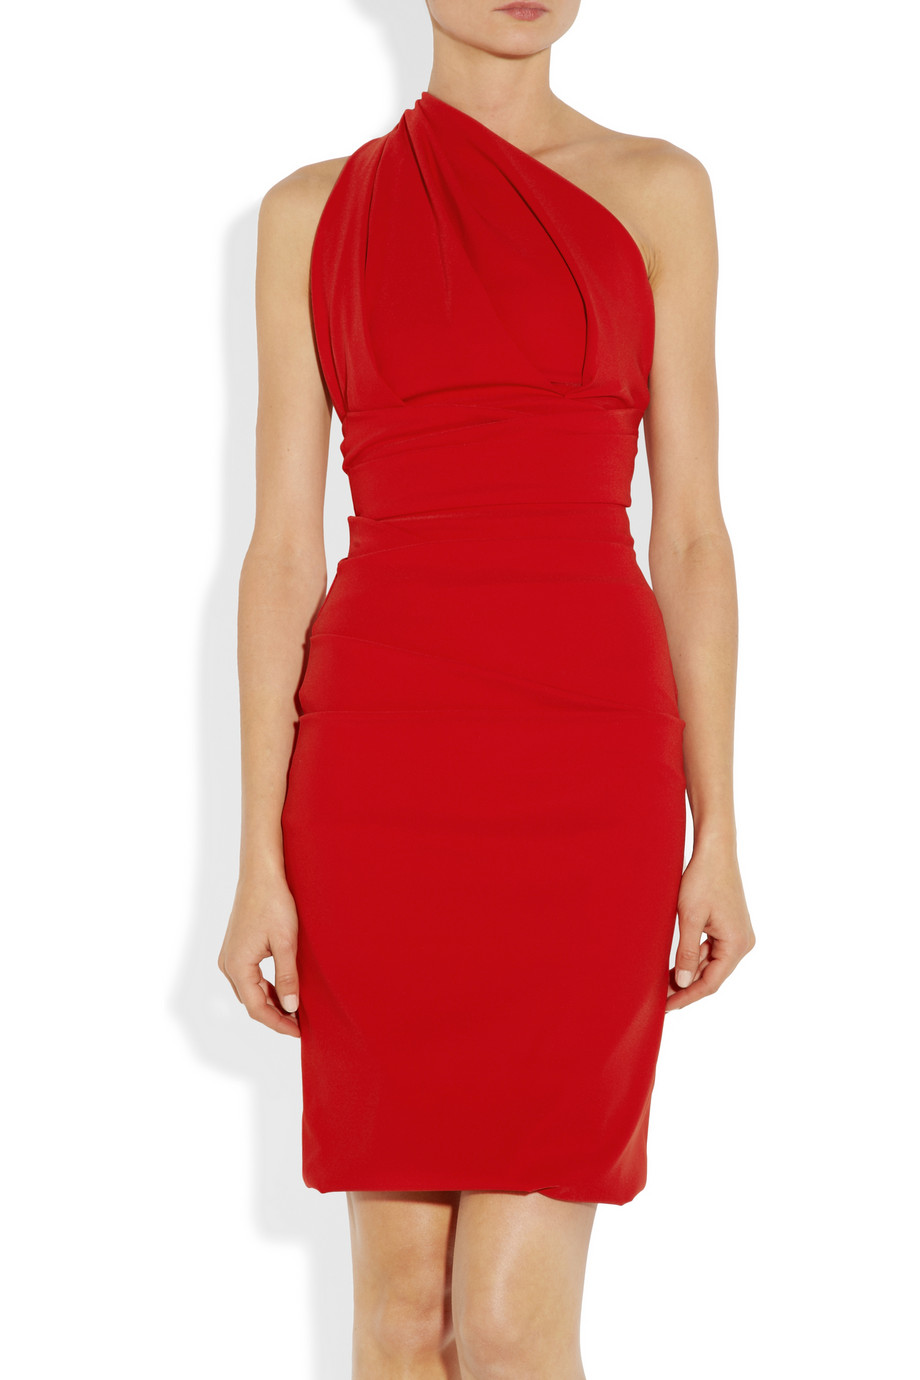 coctail dresses Thornton